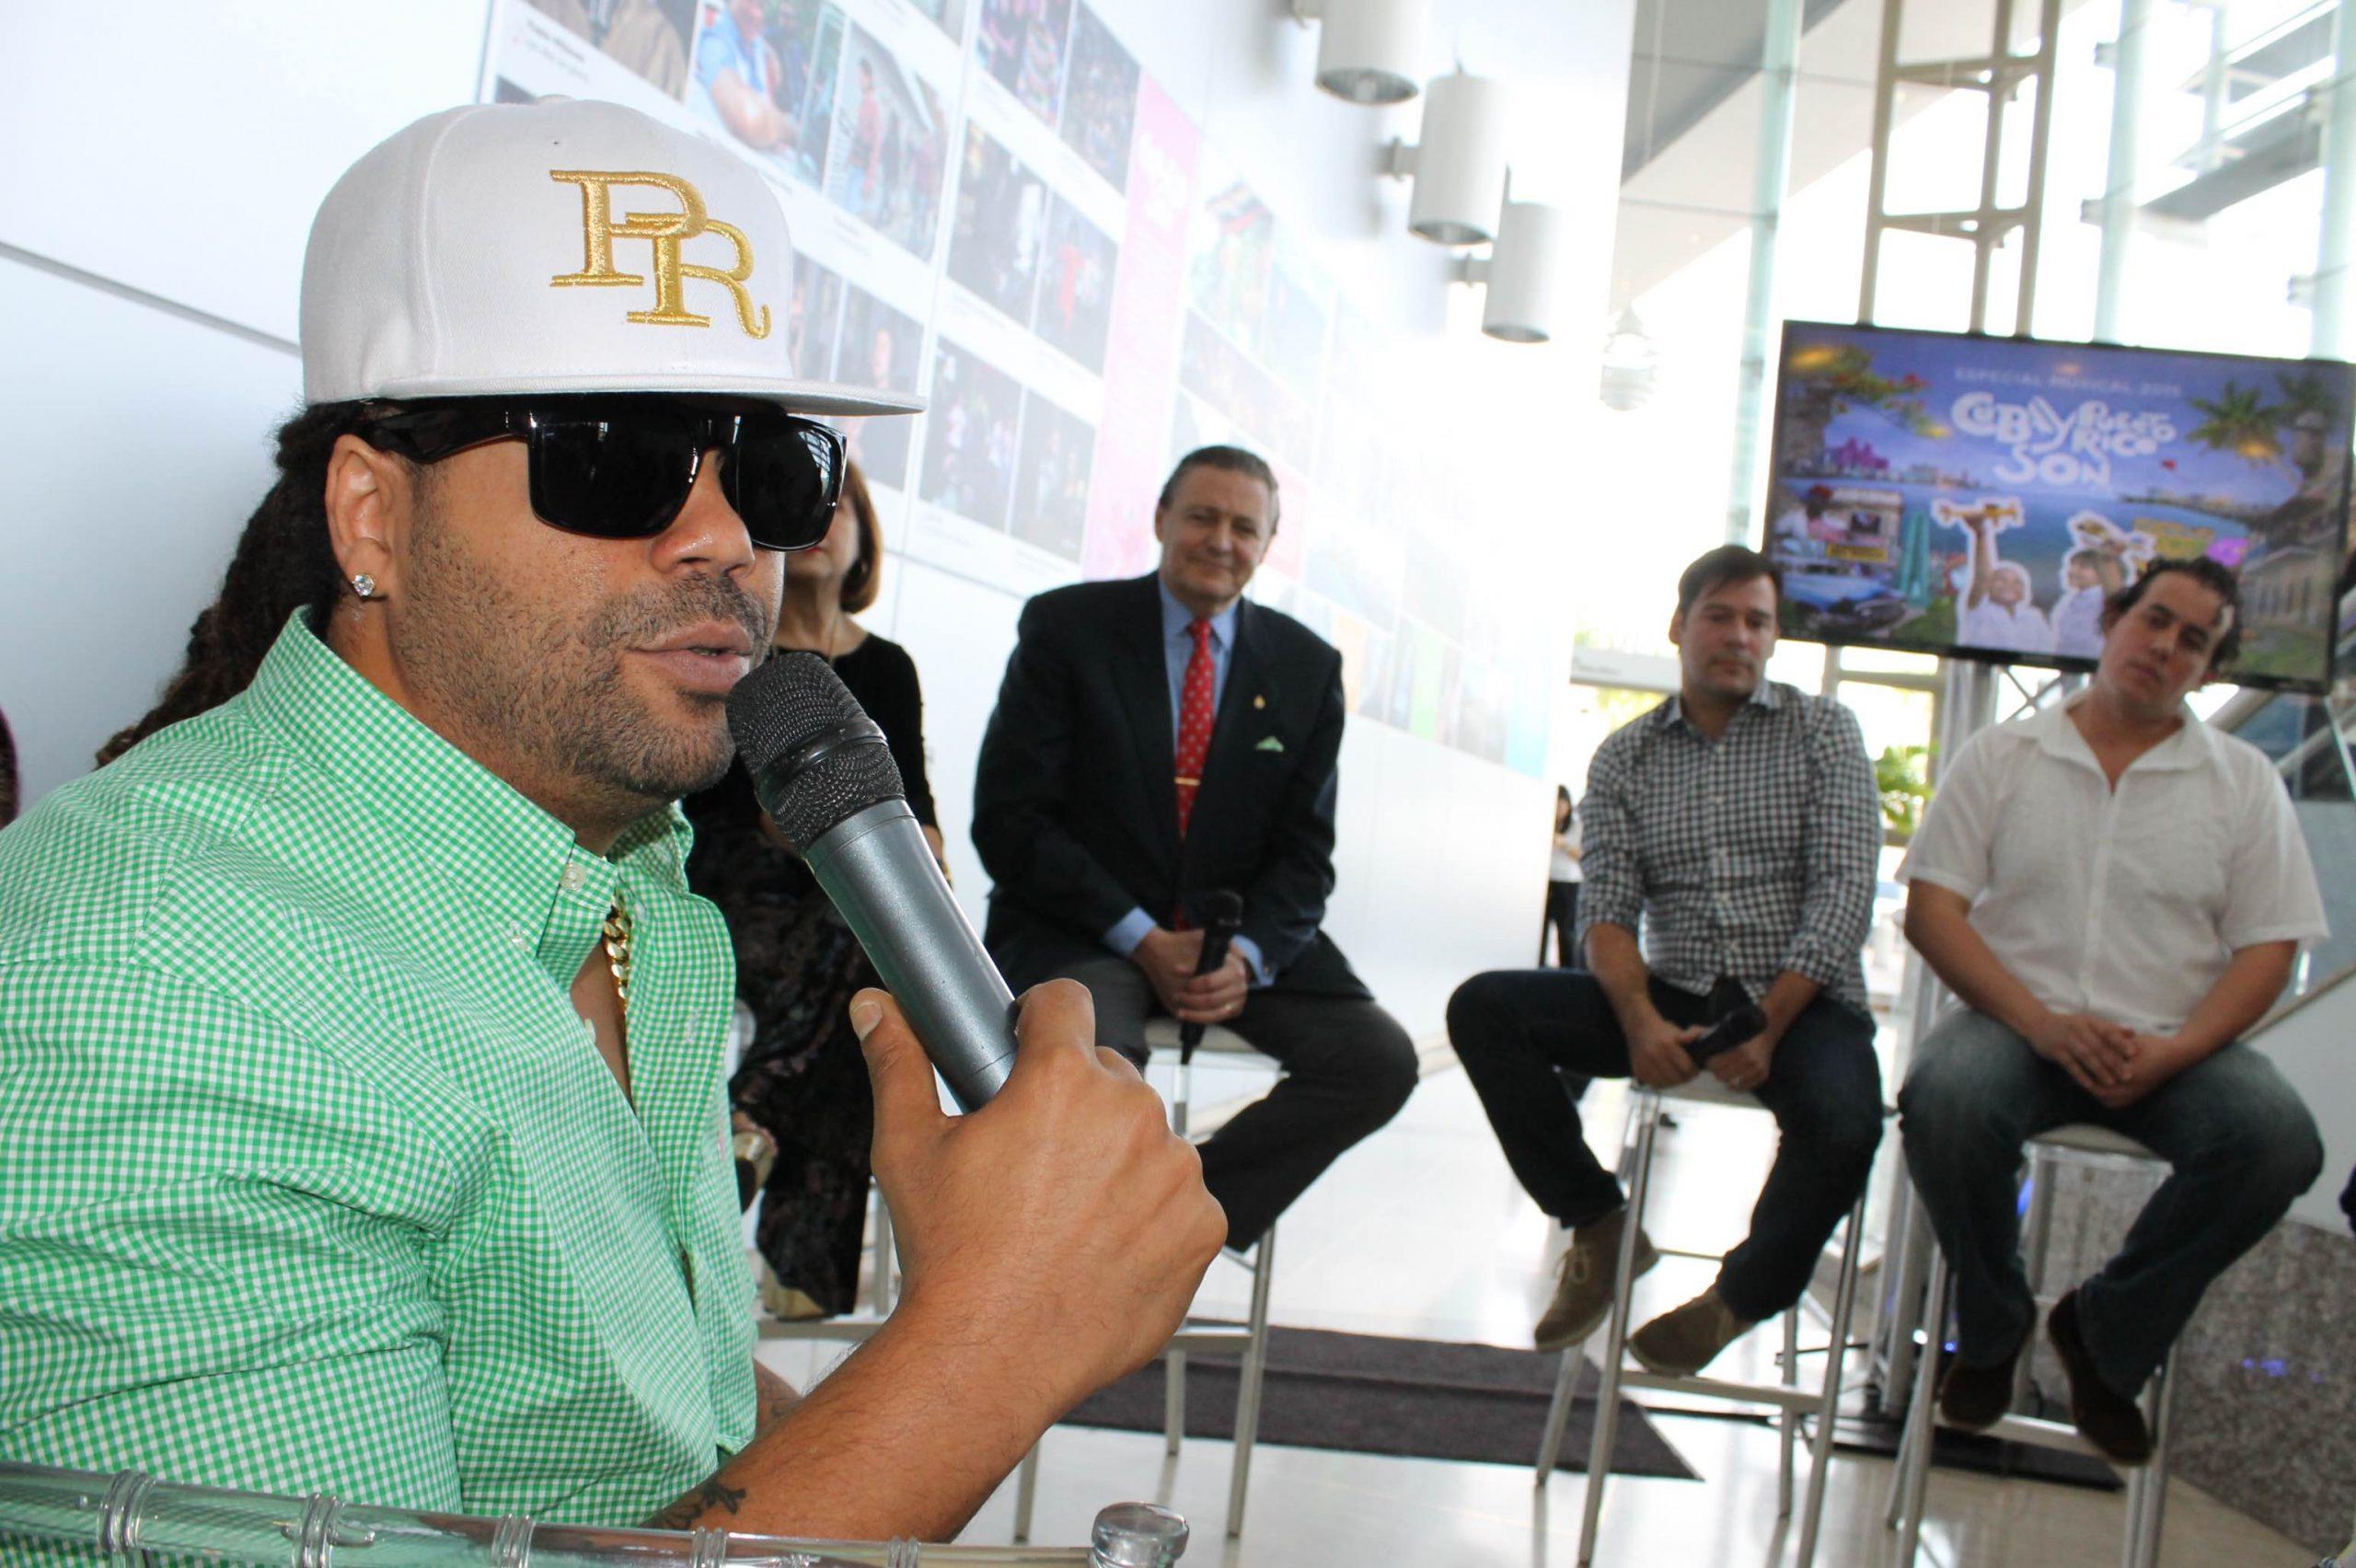 Pirulo agradeció la oportunidad de volver a participar en un especia de la entidad. (Foto Edgar Torres para Fundación Nacional para la Cultura Popular)